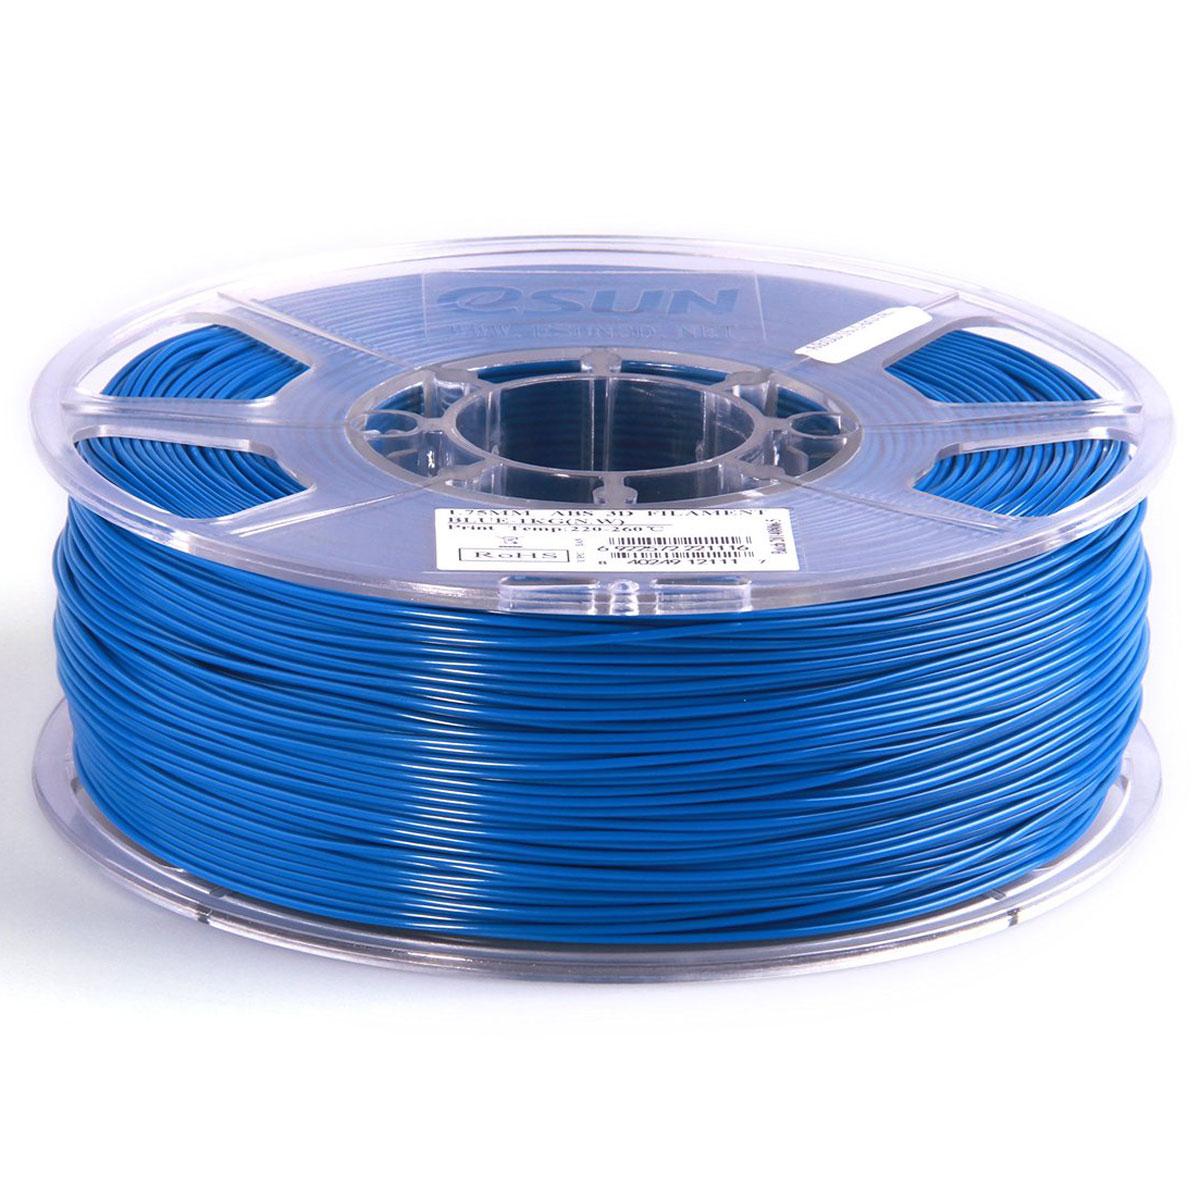 ESUN пластик ABS в катушке, Blue, 1,75 ммABS175U1Пластик ABS от ESUN долговечный и очень прочный полимер, ударопрочный, эластичный и стойкий к моющим средствам и щелочам. Один из лучших материалов для печати на 3D принтере. Пластик ABS не имеет запаха и не является токсичным. Температура плавления 220-260°C. АБС пластик для 3D-принтера применяется в деталях автомобилей, канцелярских изделиях, корпусах бытовой техники, мебели, сантехники, а также в производстве игрушек, сувениров, спортивного инвентаря, деталей оружия, медицинского оборудования и прочего. Диаметр пластиковой нити: 1.75 мм